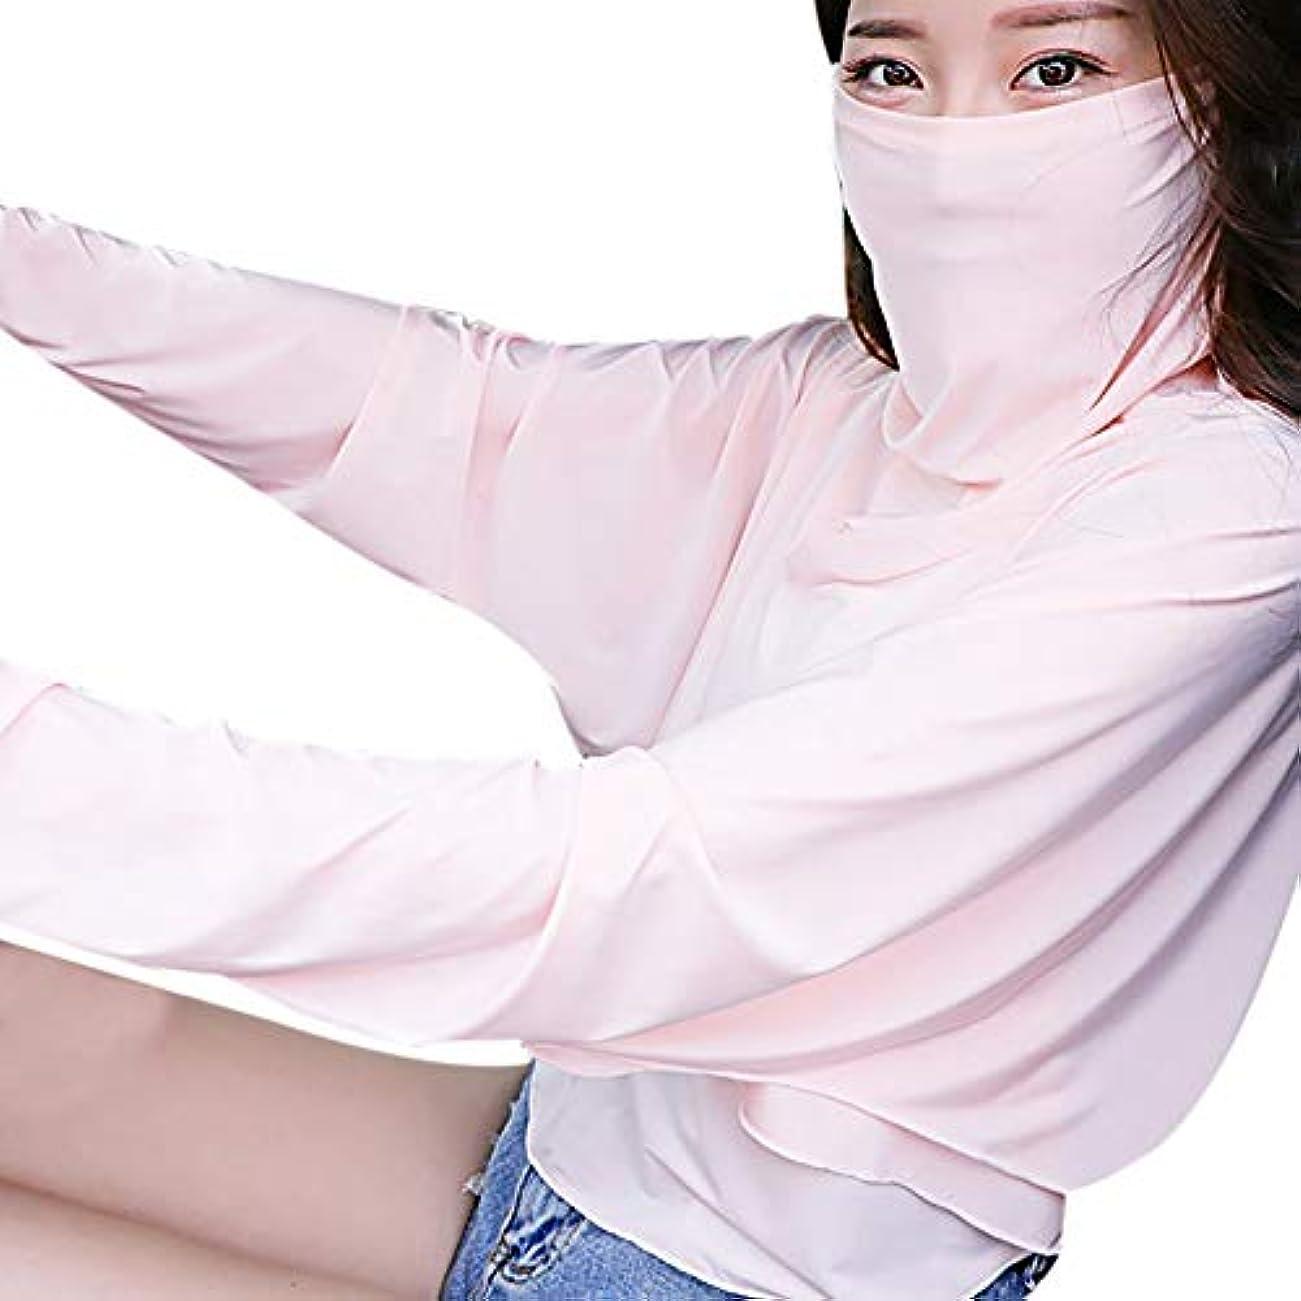 反発不公平スーダンDkhsy女性軽量クイックドライサンプロテクション服uv保護コート抗uv通気性ショール屋外防蚊シャツ付きフェイスマスク